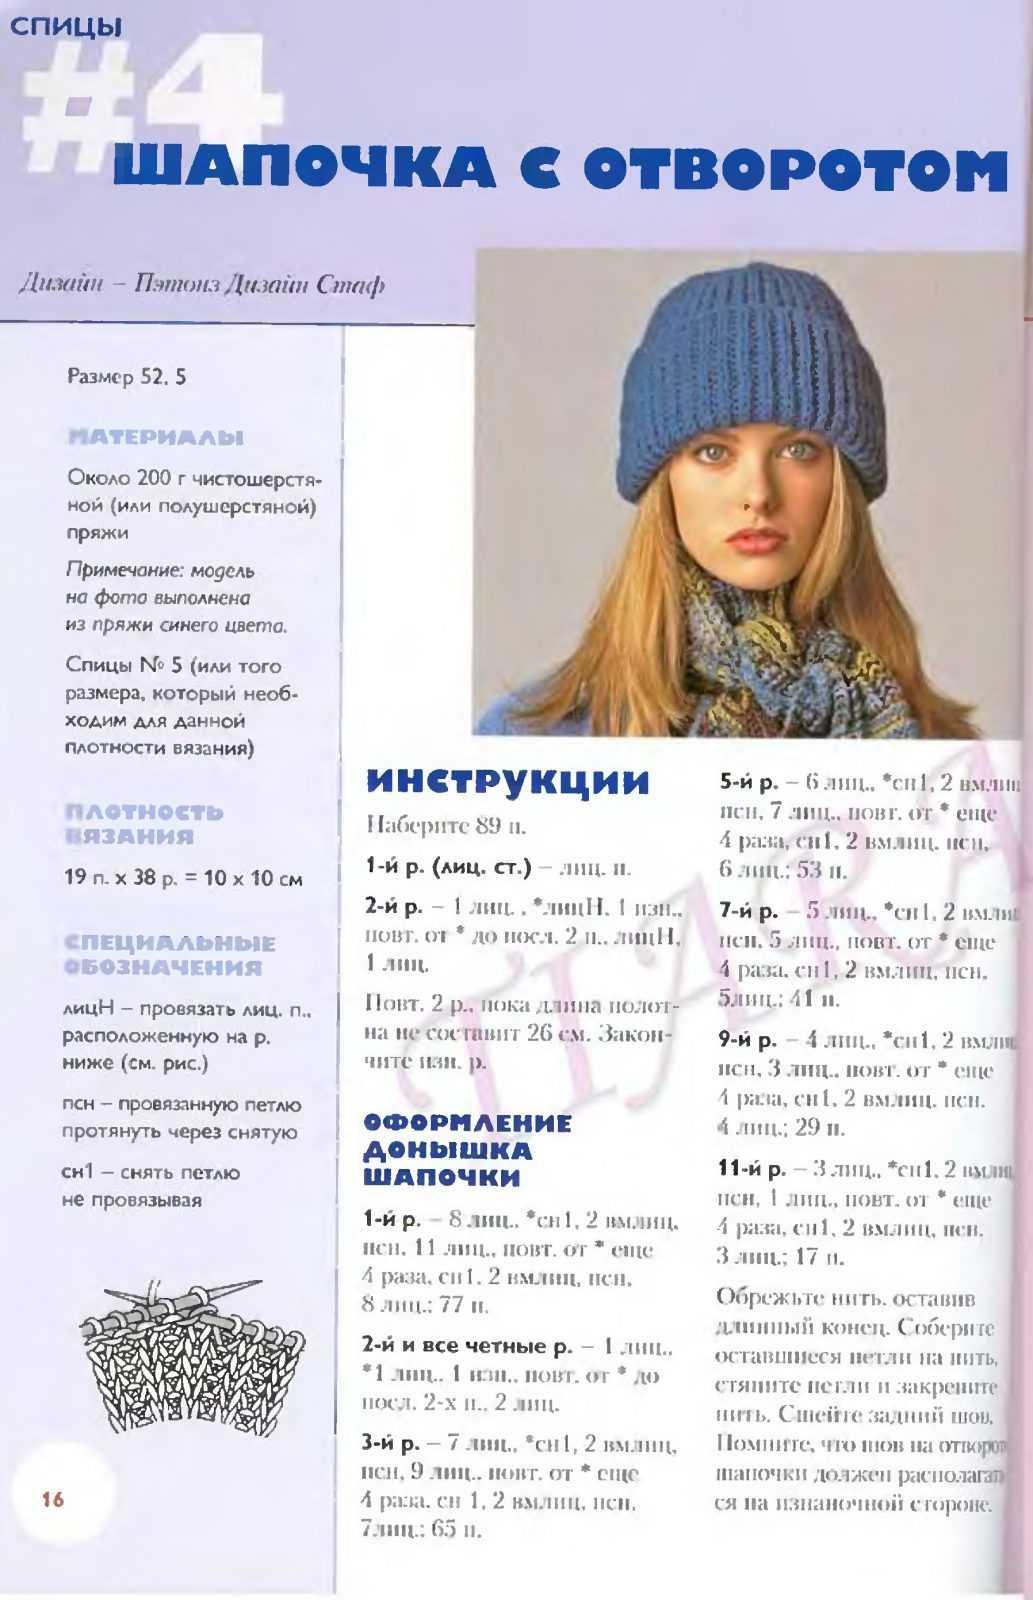 вариант белье как вязать резинку на спицах для шапки вам холодно, термобелье